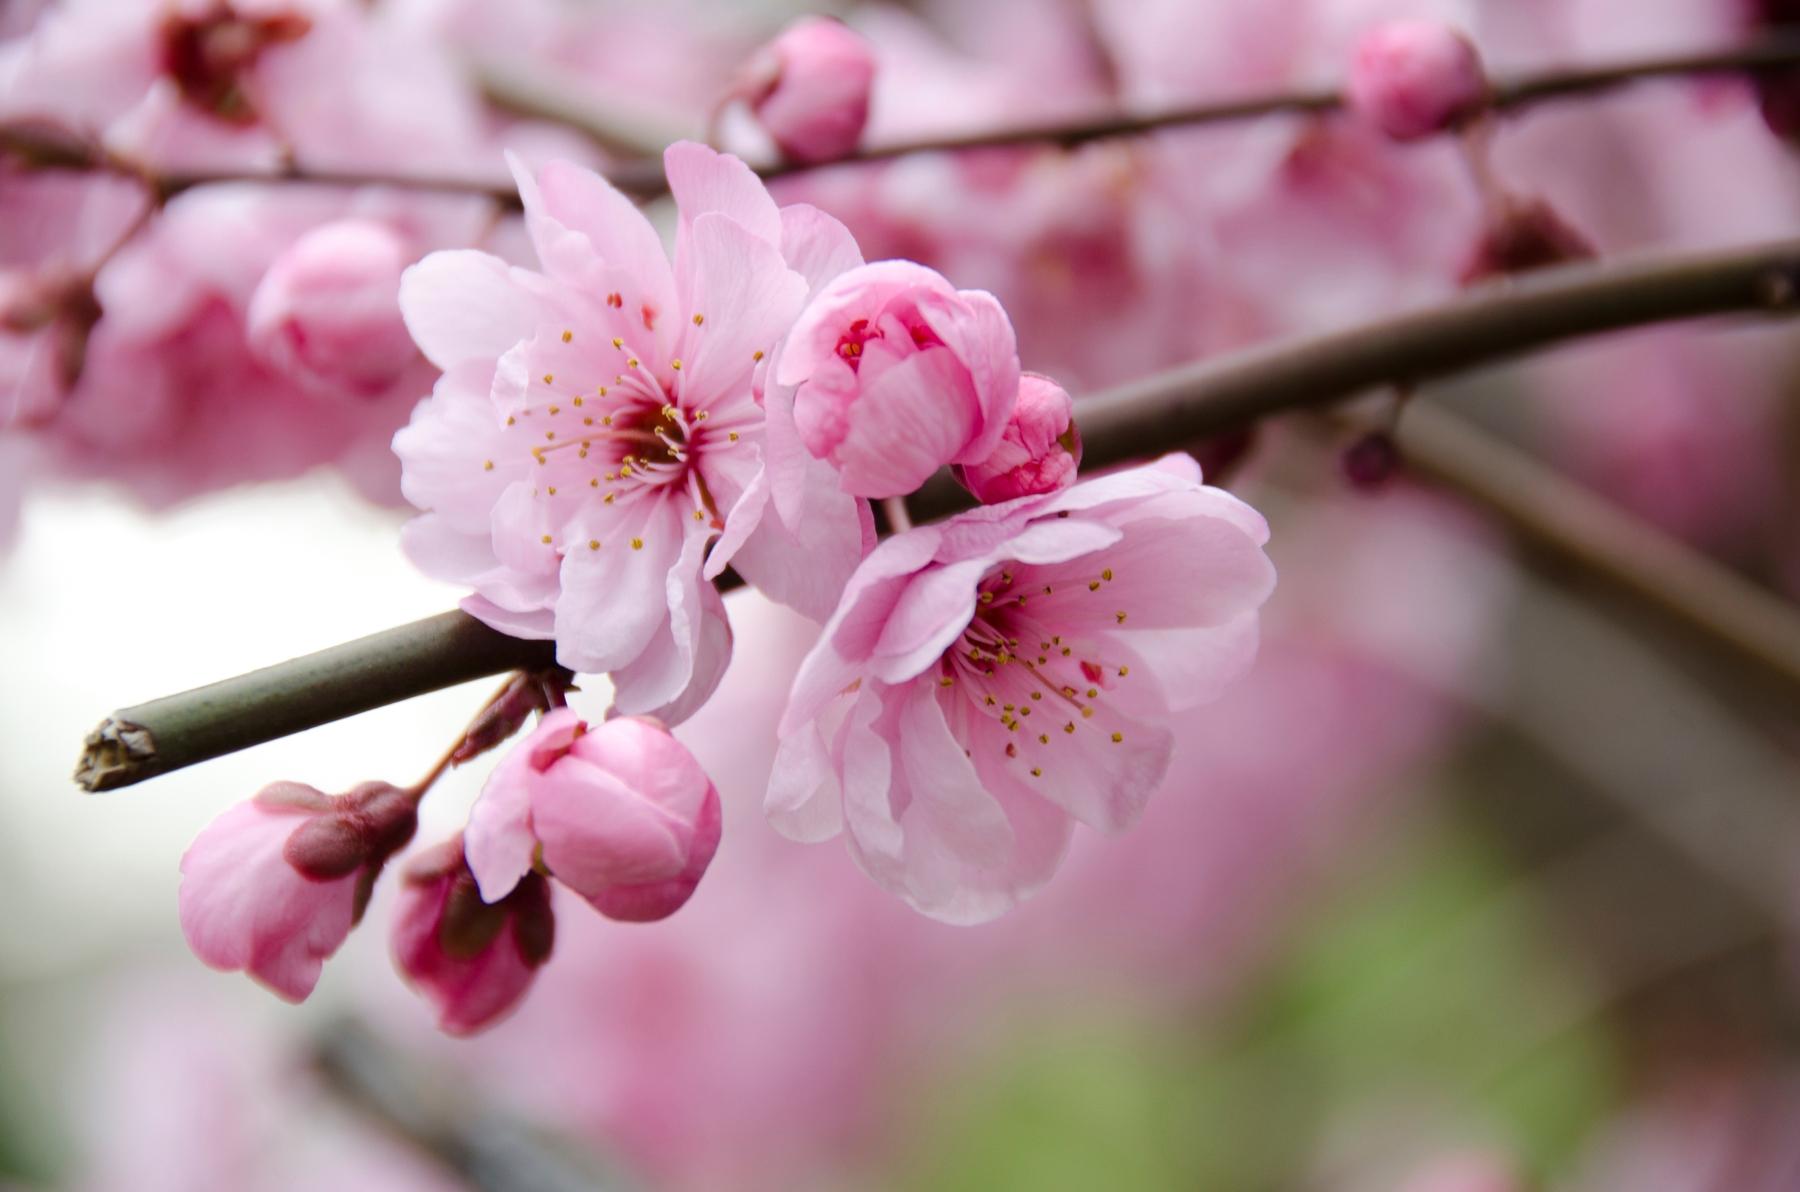 陽明山的櫻花多為寒櫻,色彩會隨著花開逐漸由淡粉色轉為深紅